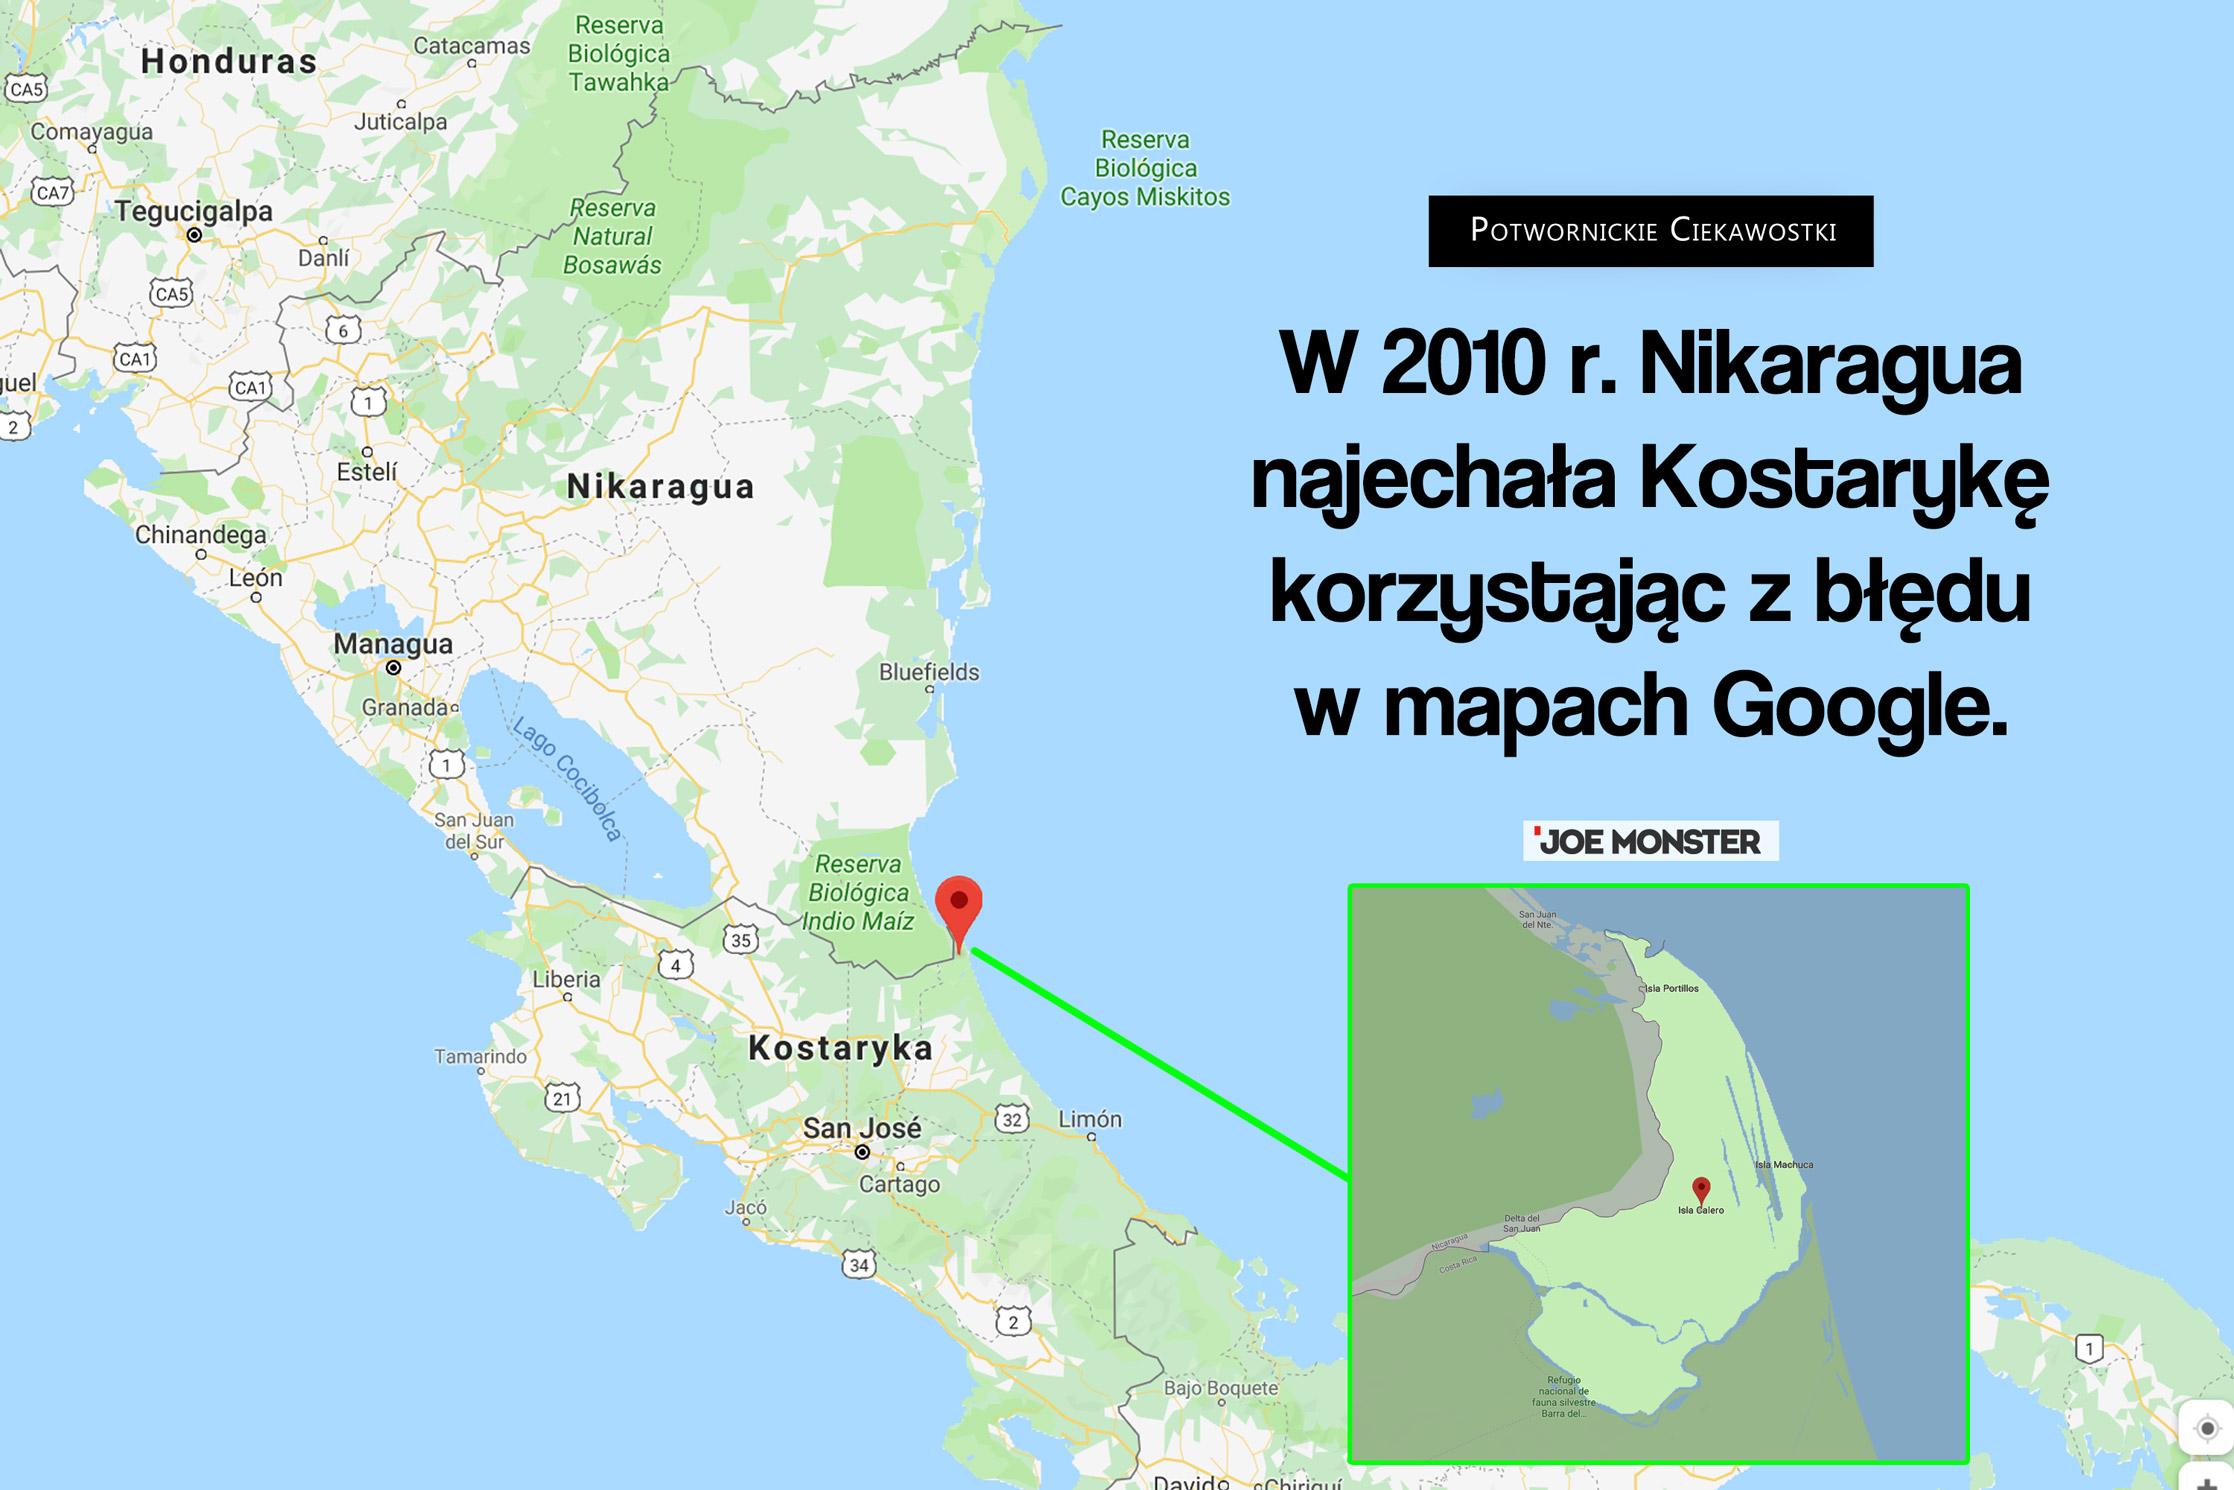 W 2010 r. Nikaragua najechała Kostarykę przez błąd w mapach Google.